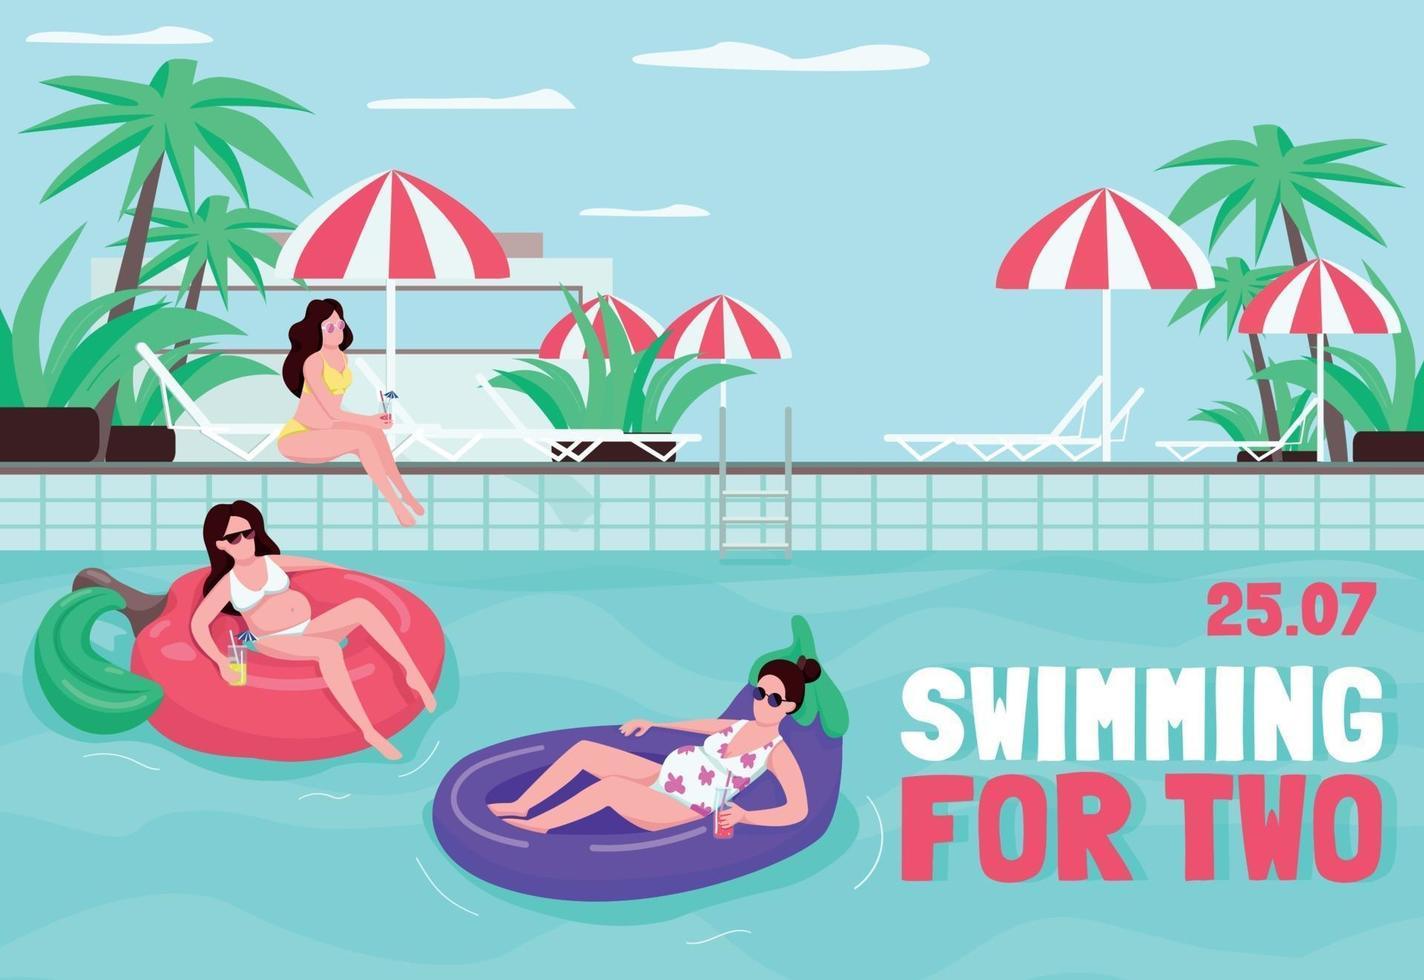 simning för två affisch platt vektor mall. vila tillsammans vid poolen. boka hotell för familjen. broschyr, häfte en sida konceptdesign med seriefigurer. sommaren reklamblad, broschyr